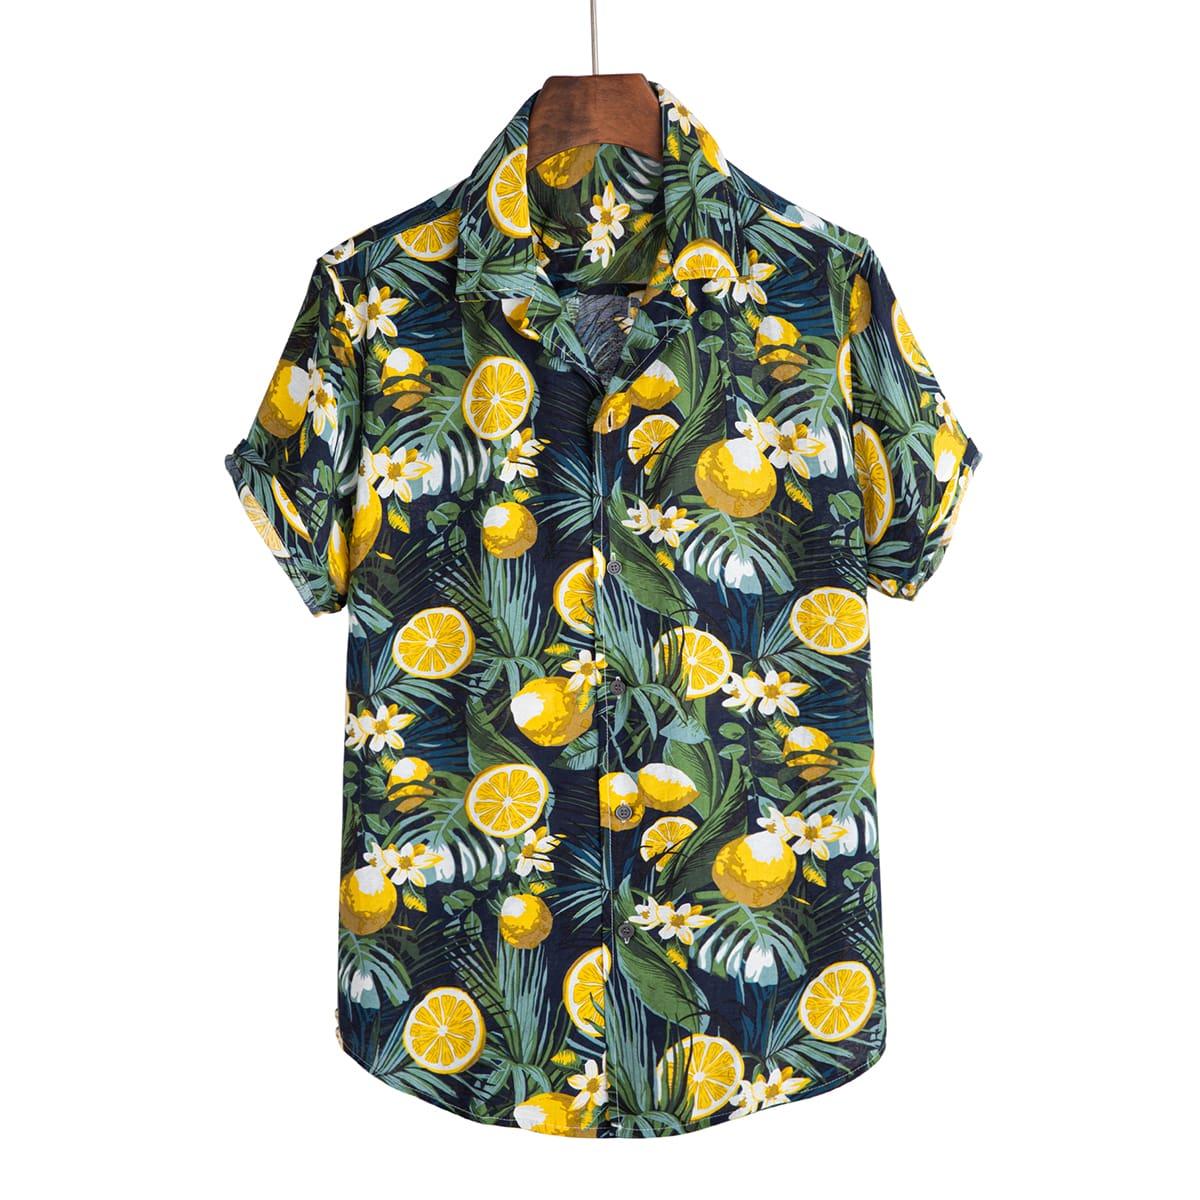 Мужская рубашка с лимонным принтом SheIn smshirt03210316754